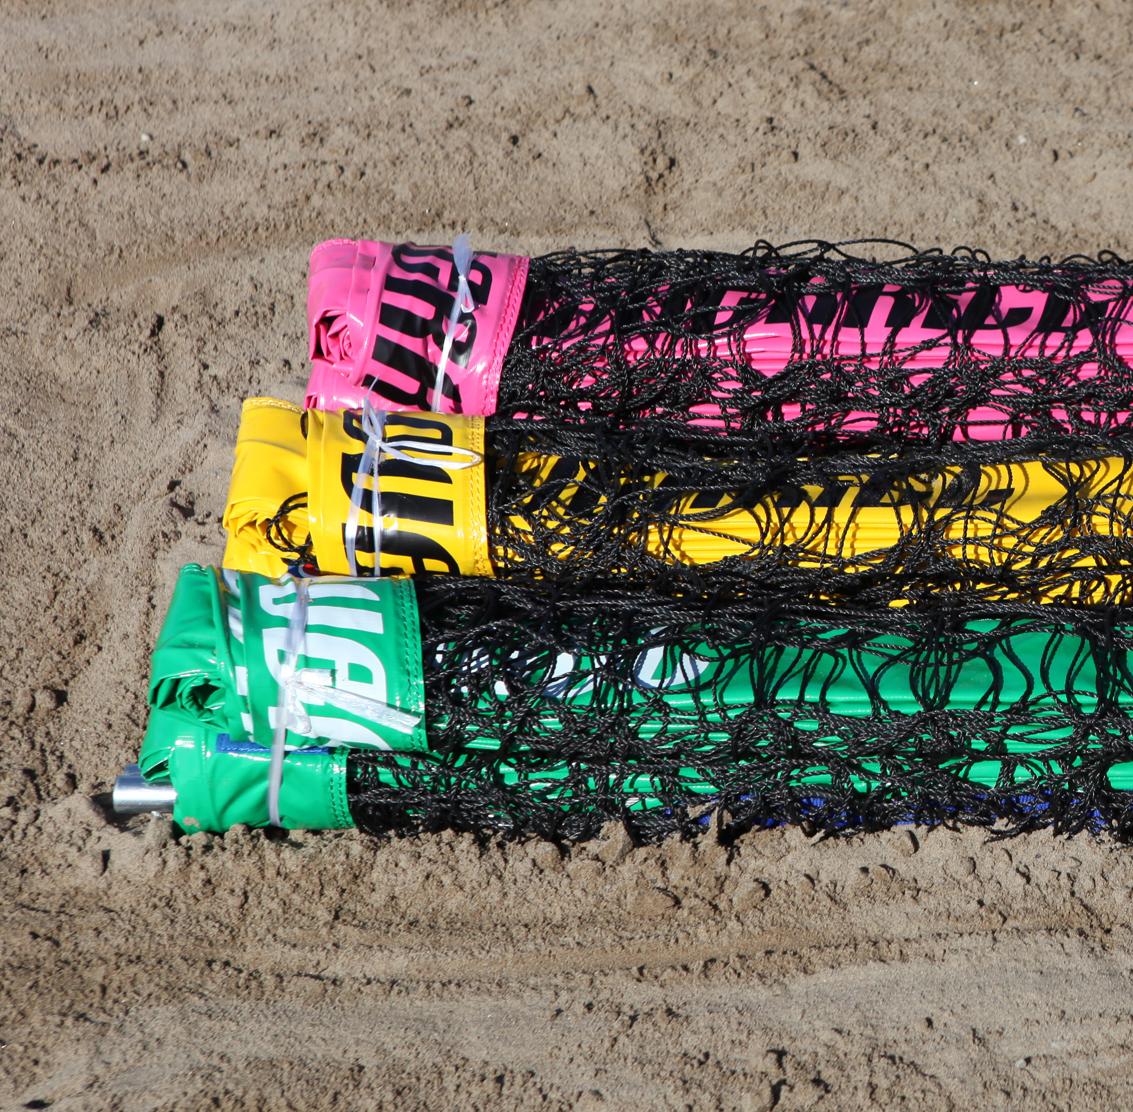 Overkill Beach Volleyball Net